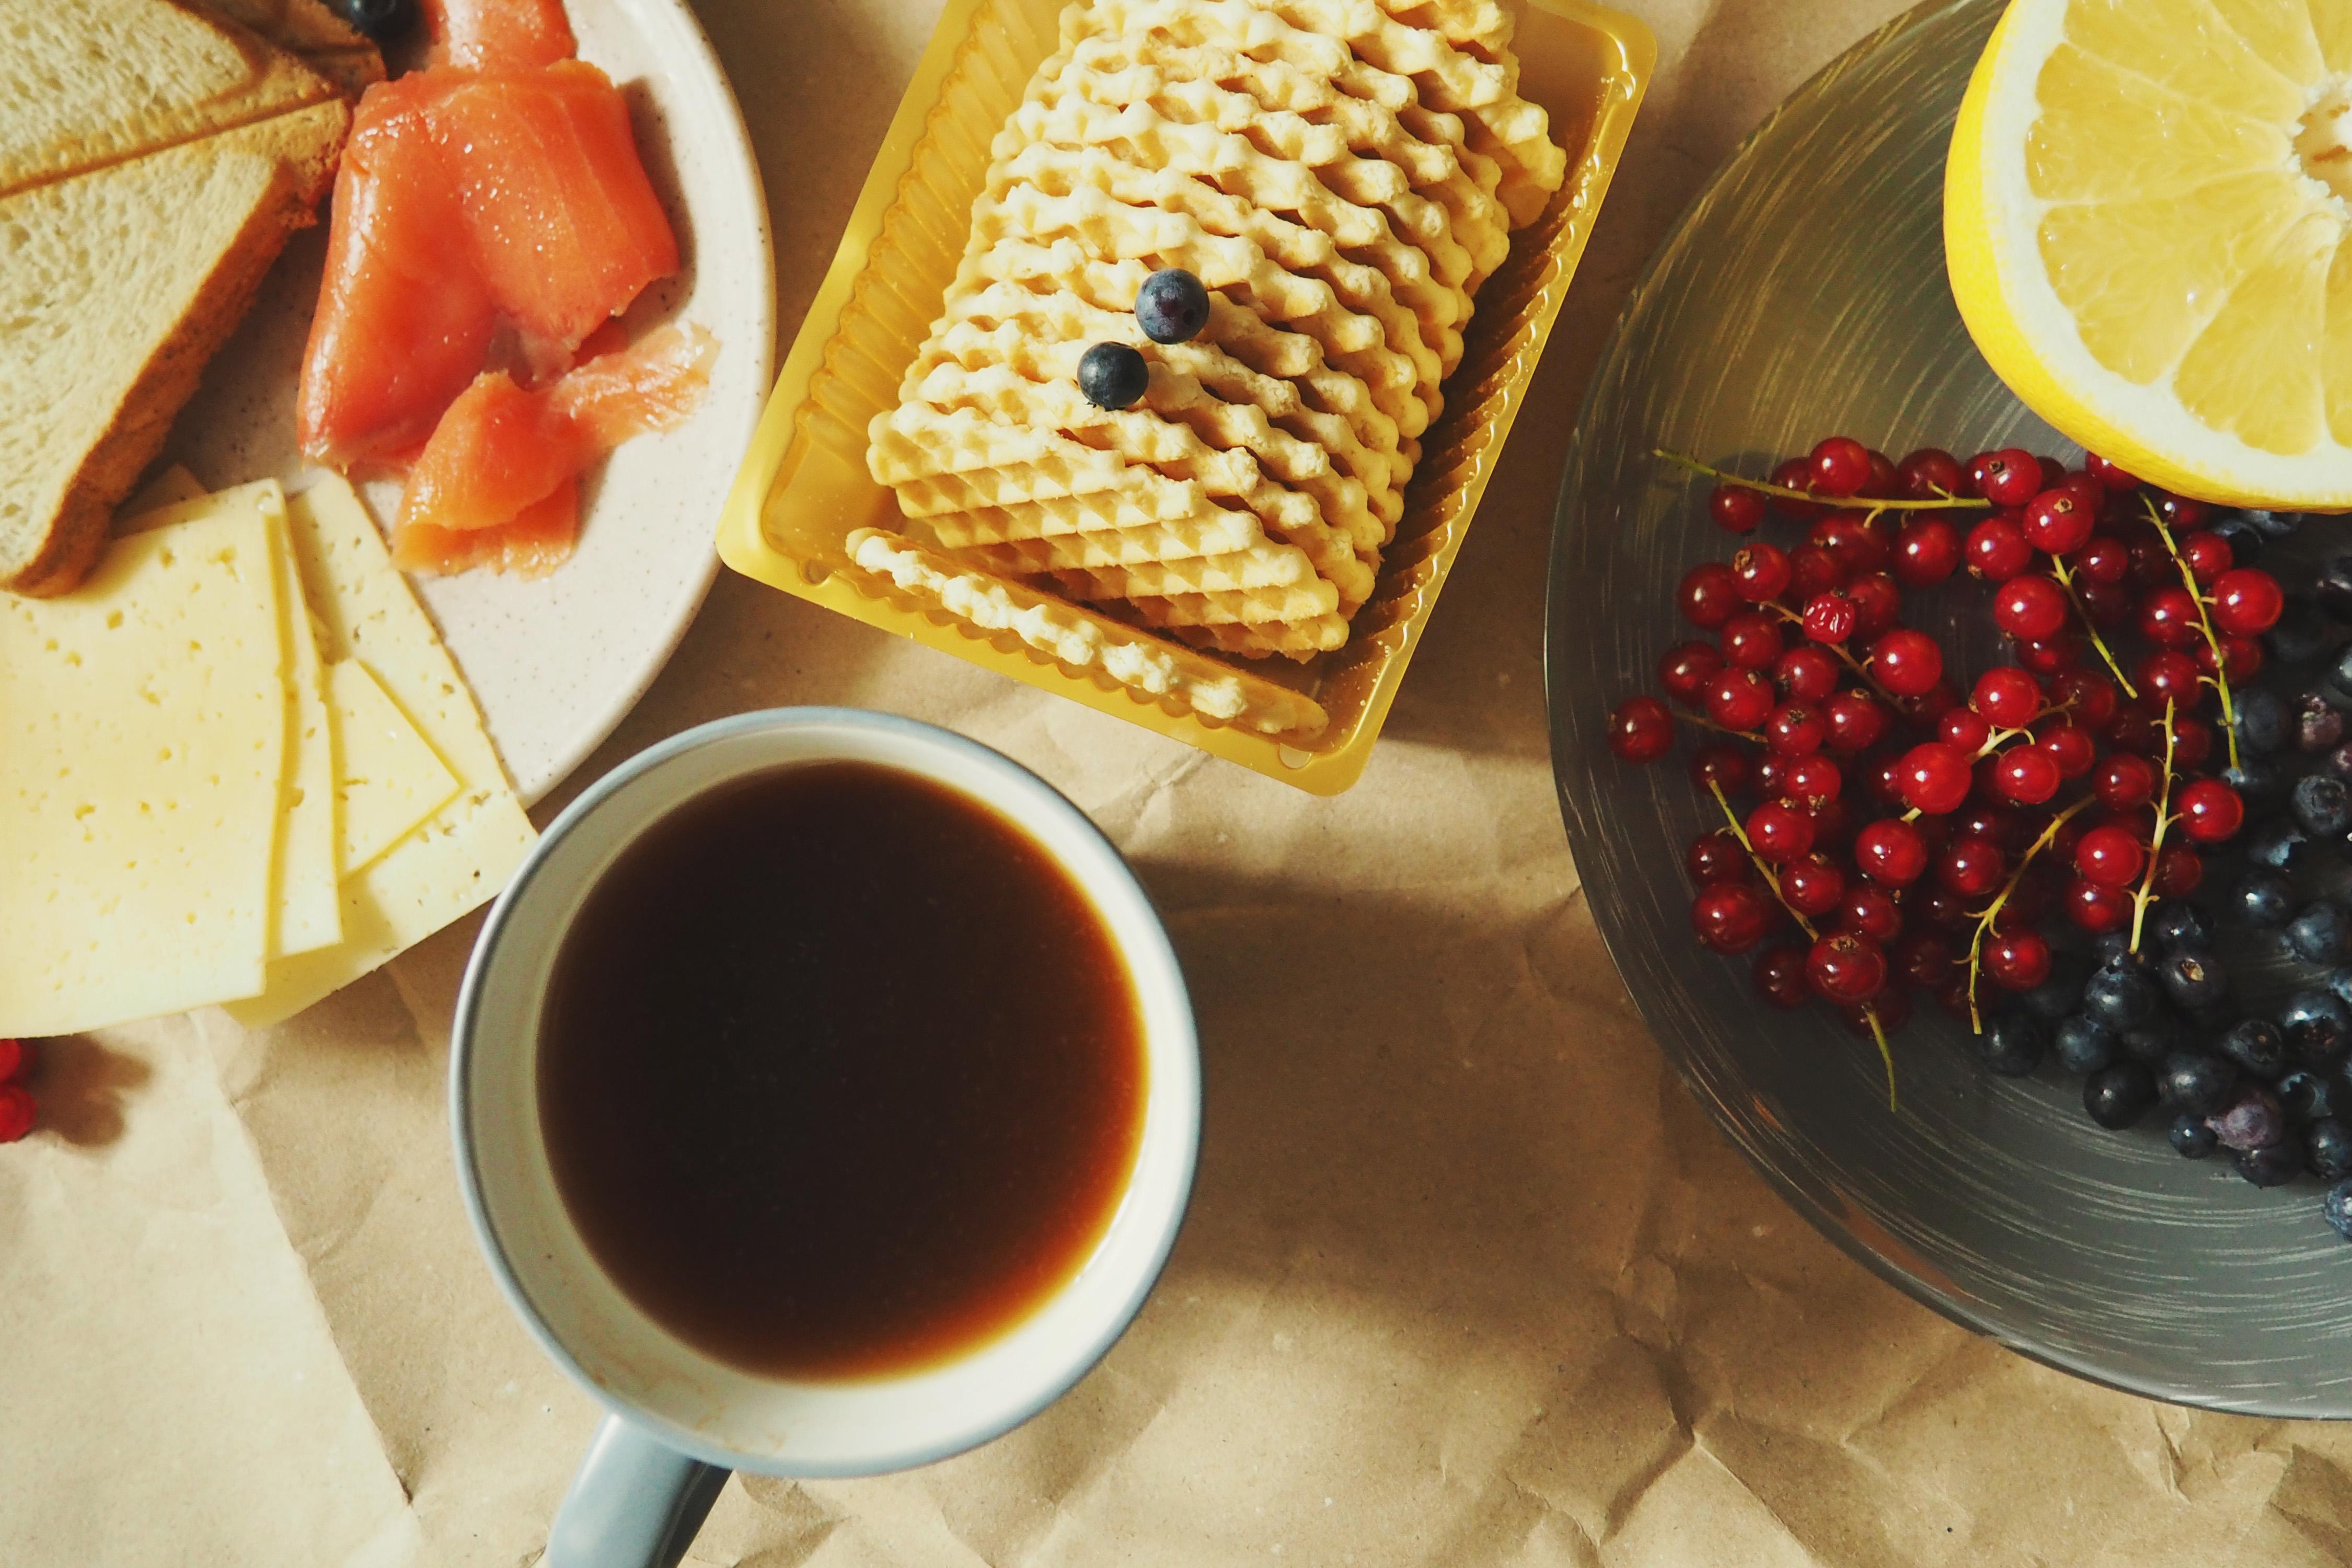 фотограф агентство картинки еды чая закона ополчении, нет